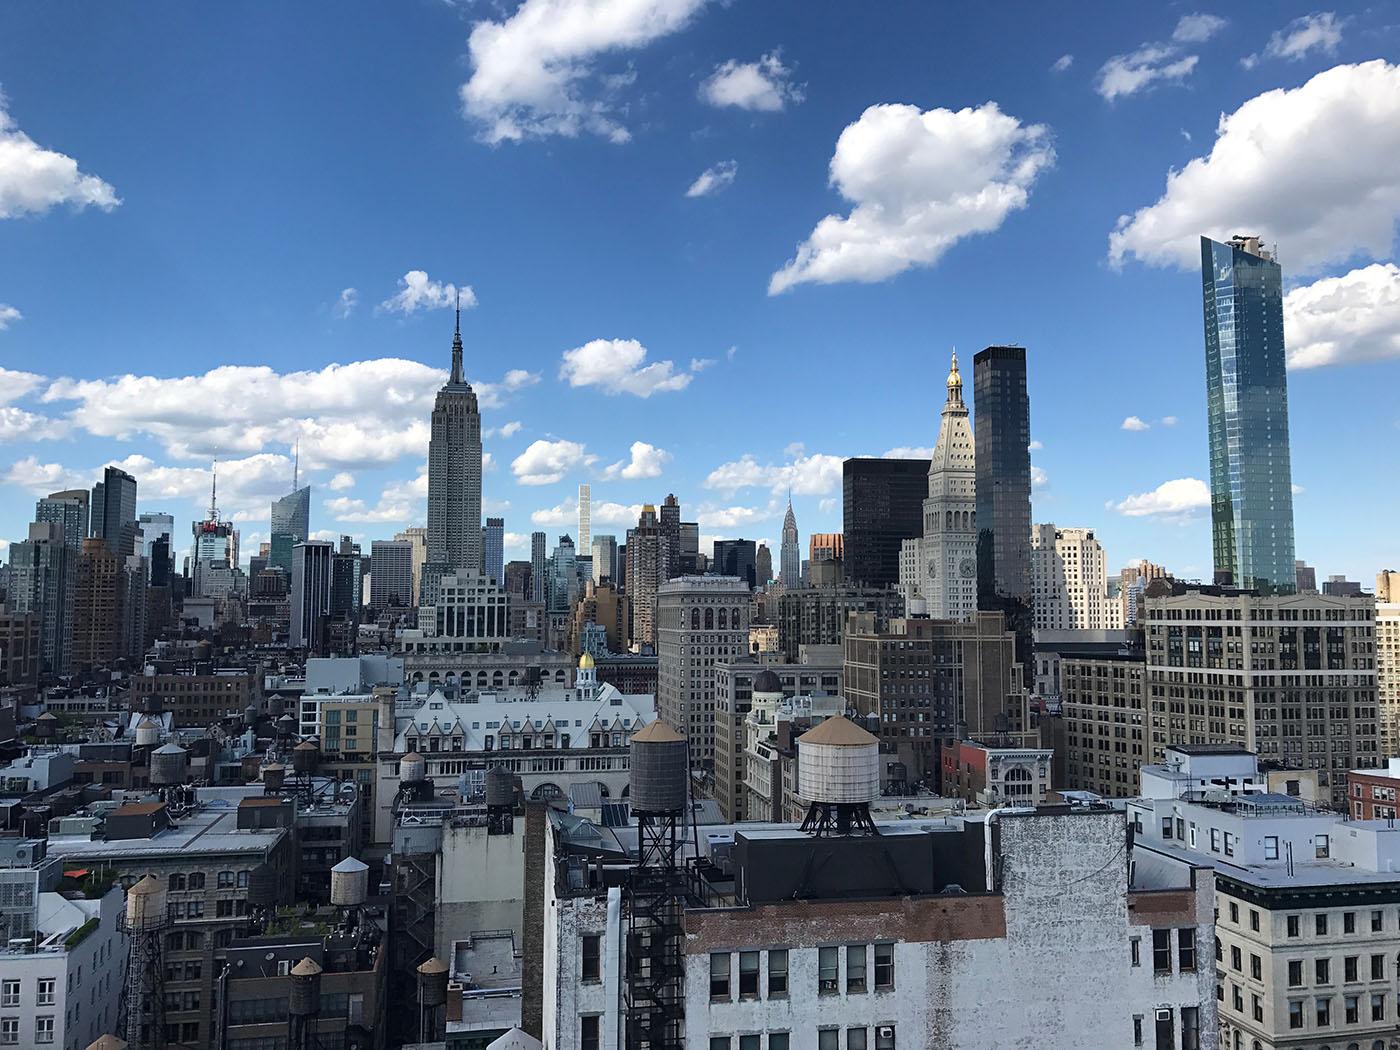 マンハッタンの街並み